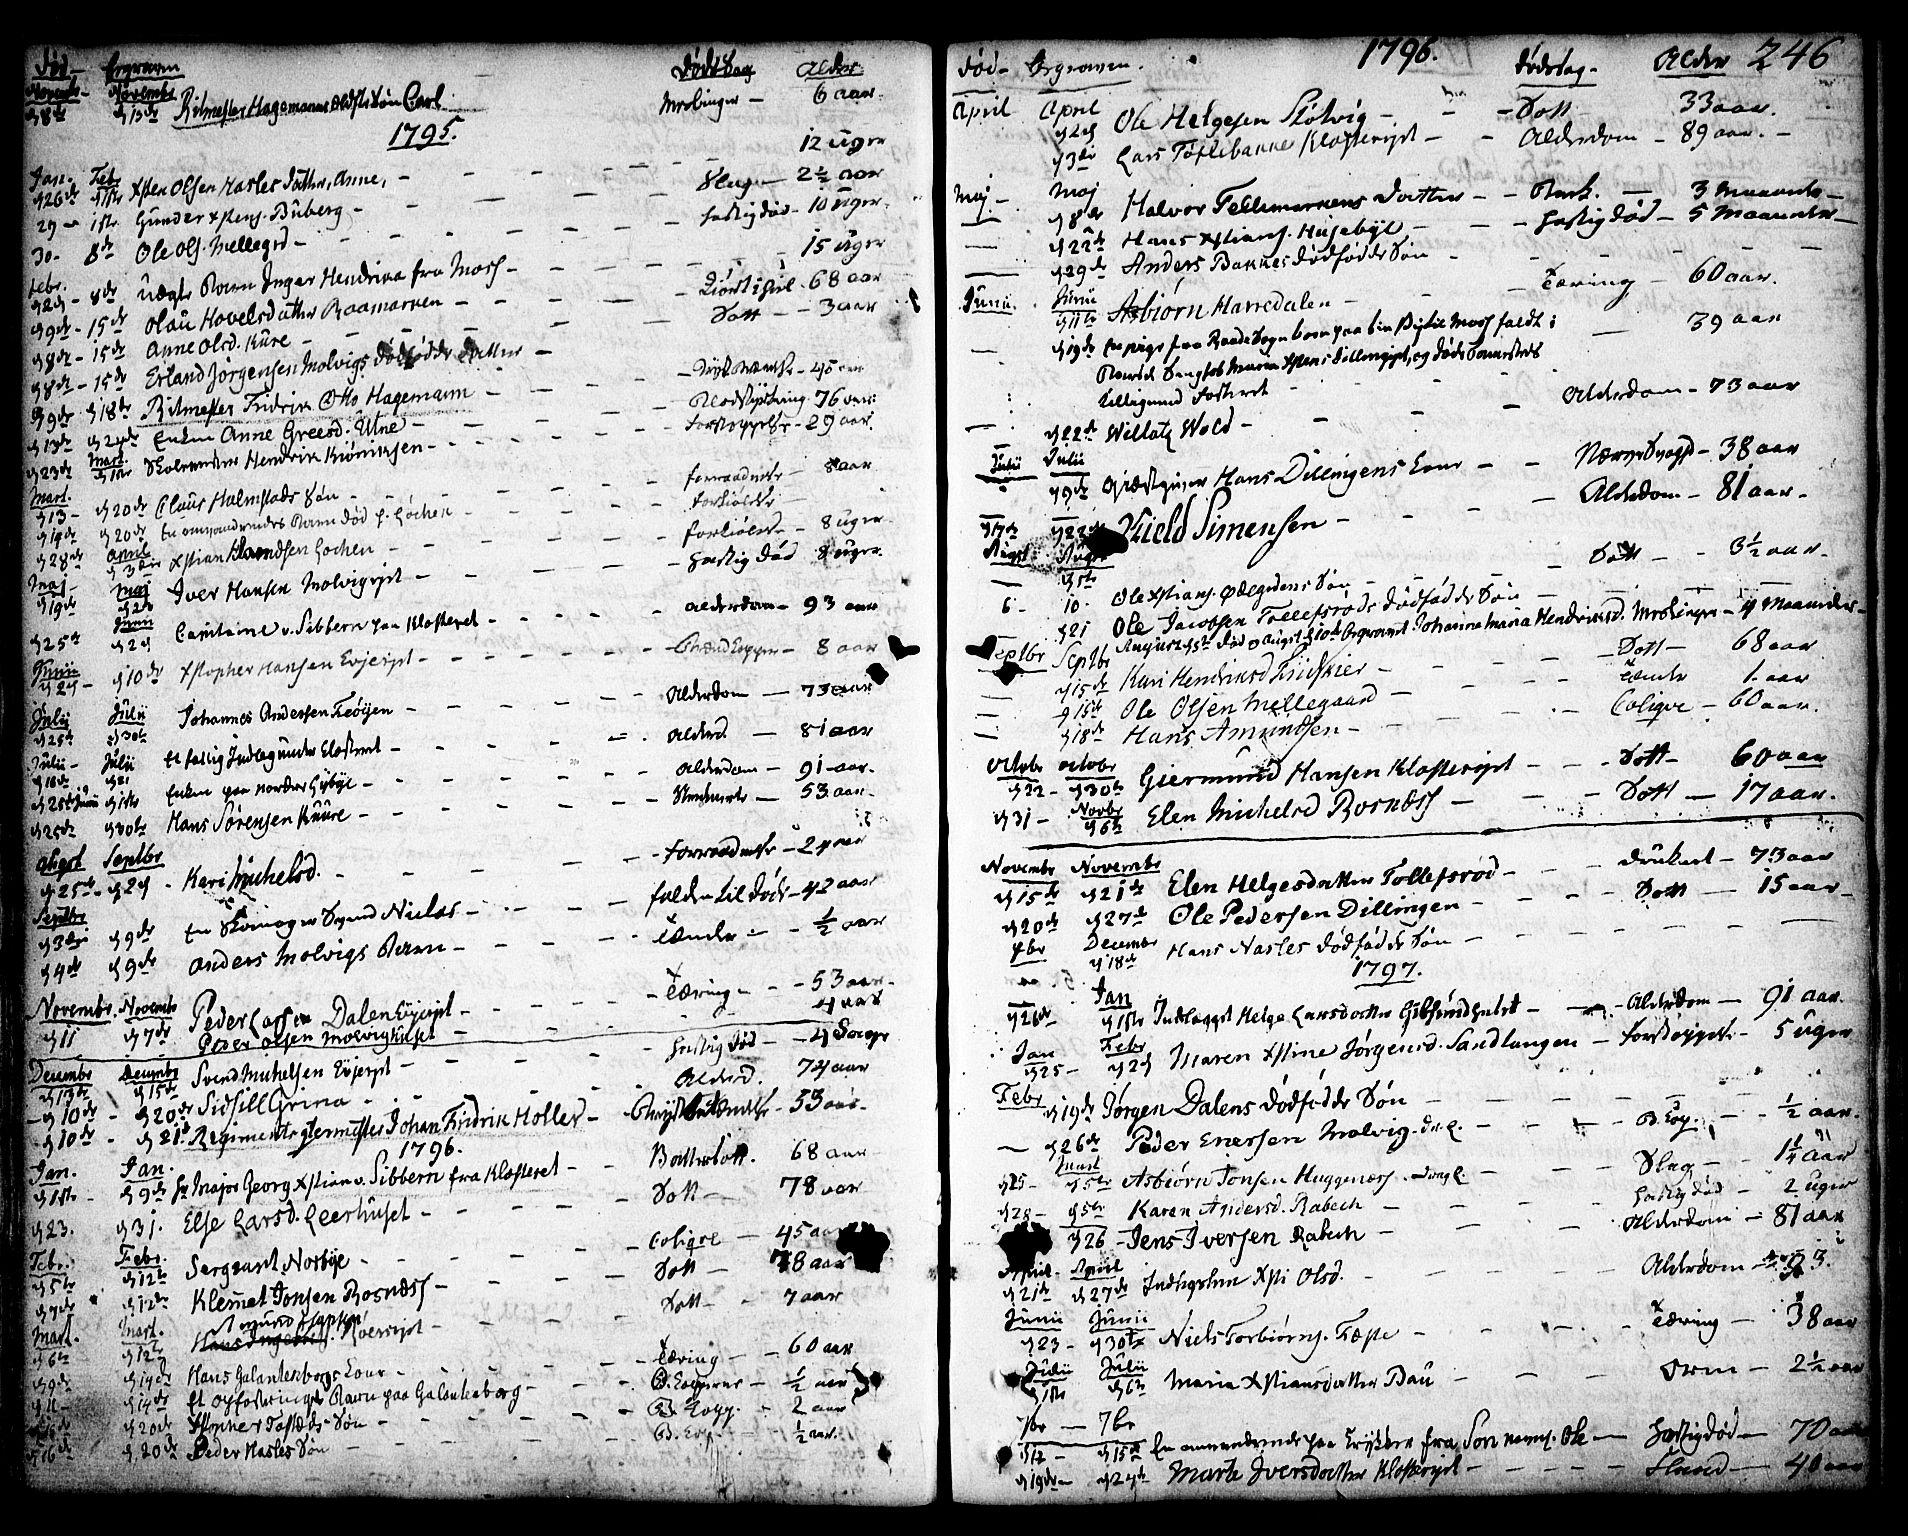 SAO, Rygge prestekontor Kirkebøker, F/Fa/L0002: Ministerialbok nr. 2, 1771-1814, s. 246